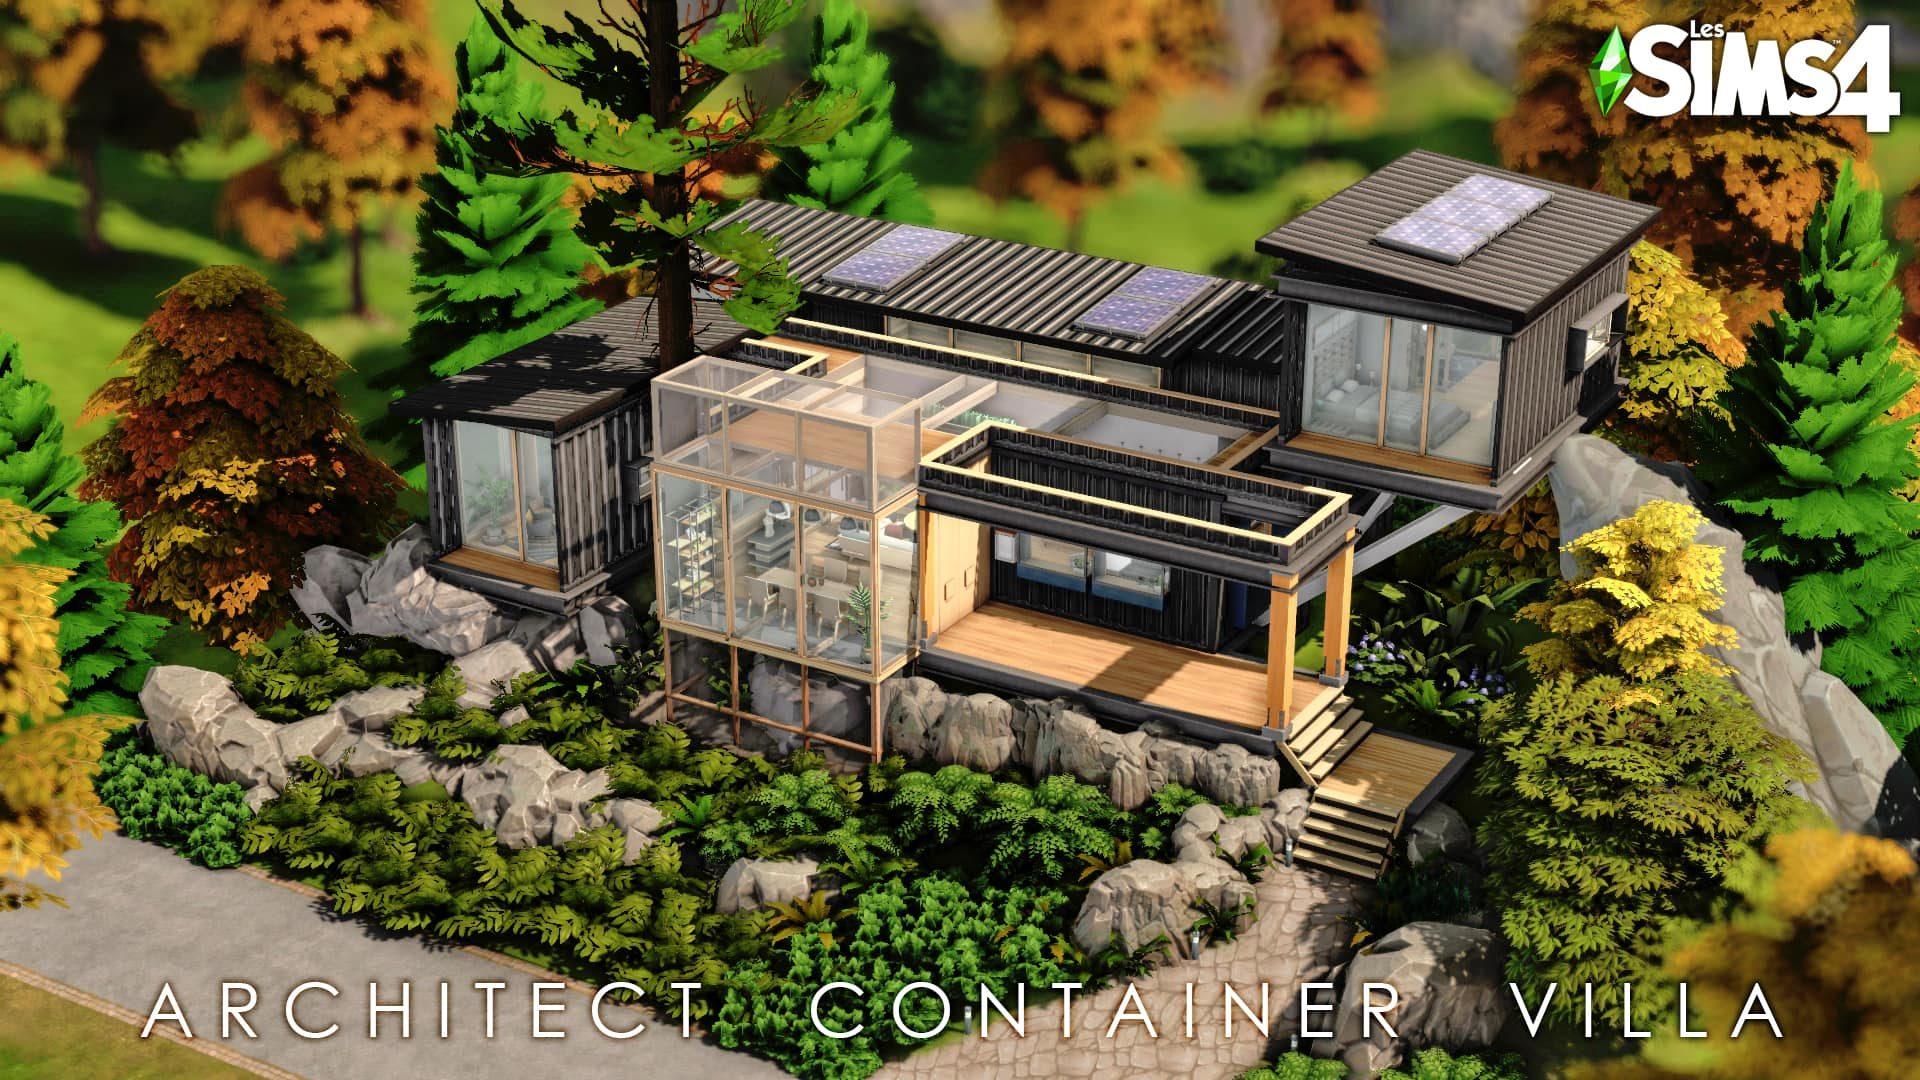 Architect container villa Les Sims 4 maison à télécharger